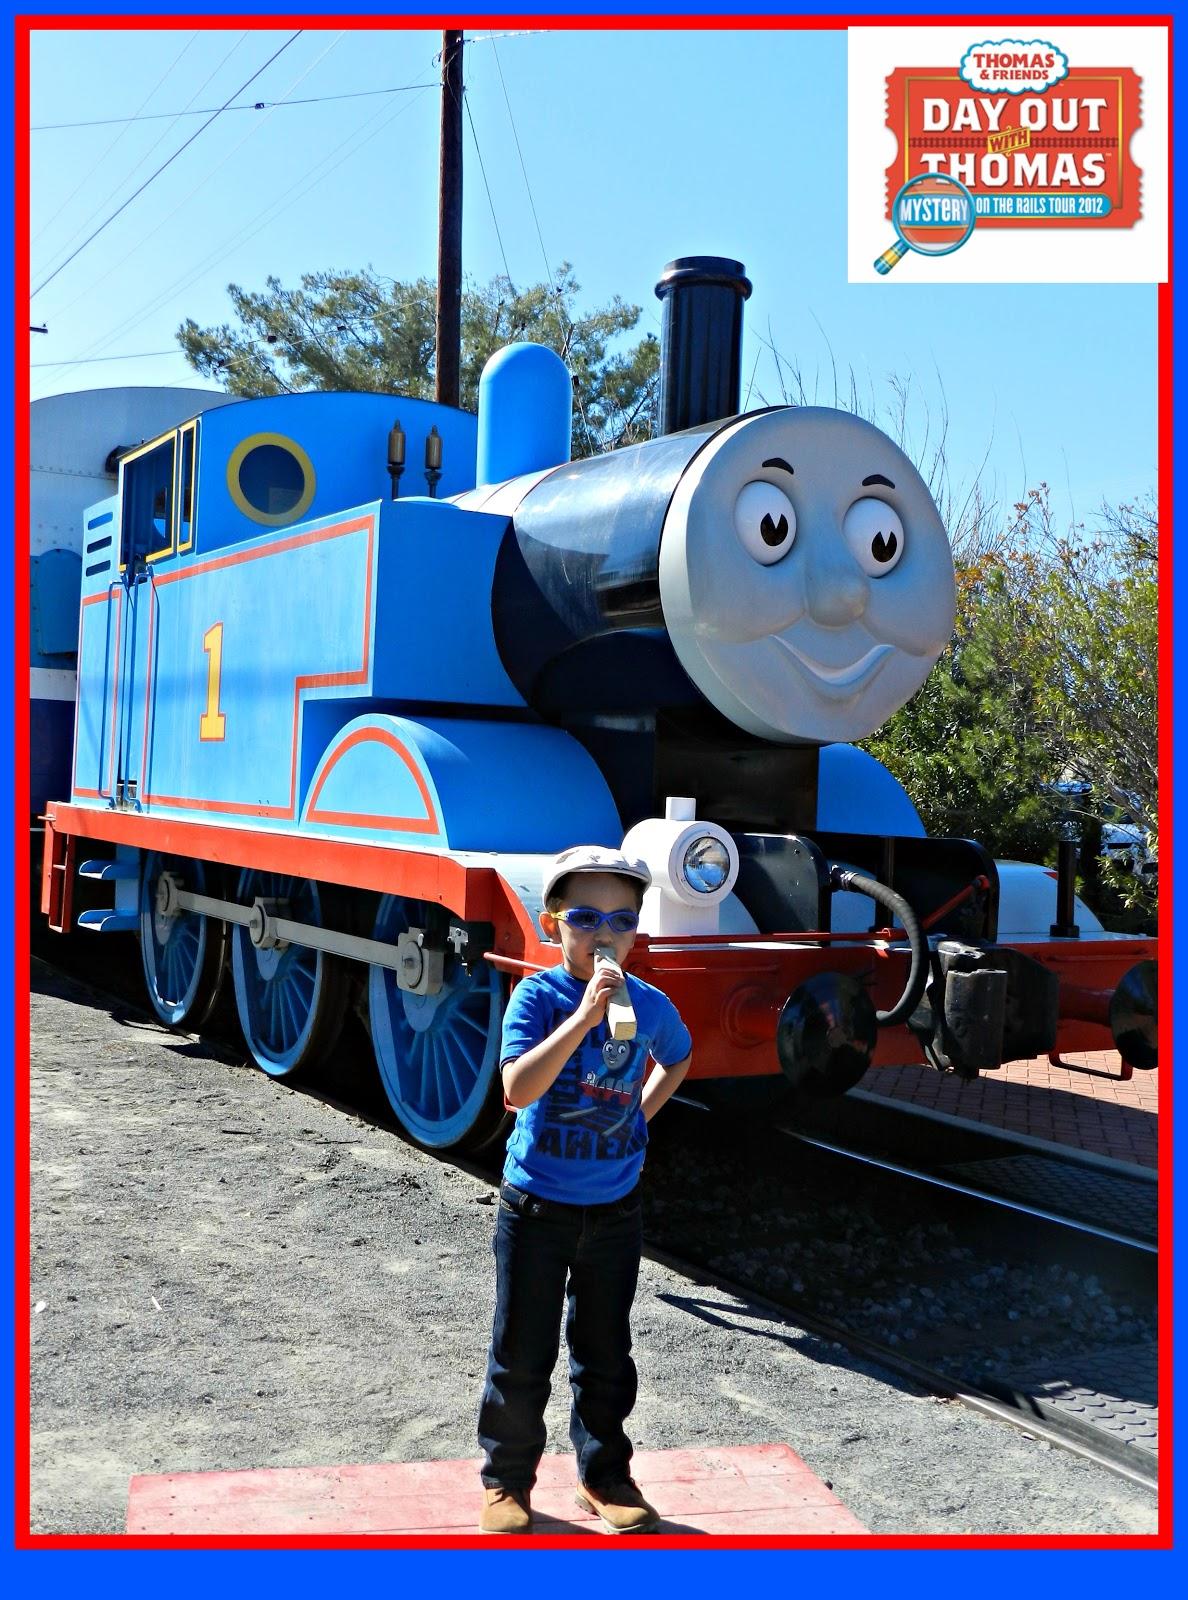 Friends Tren Mágico Peliculas El Thomas Wwwmiifotoscom